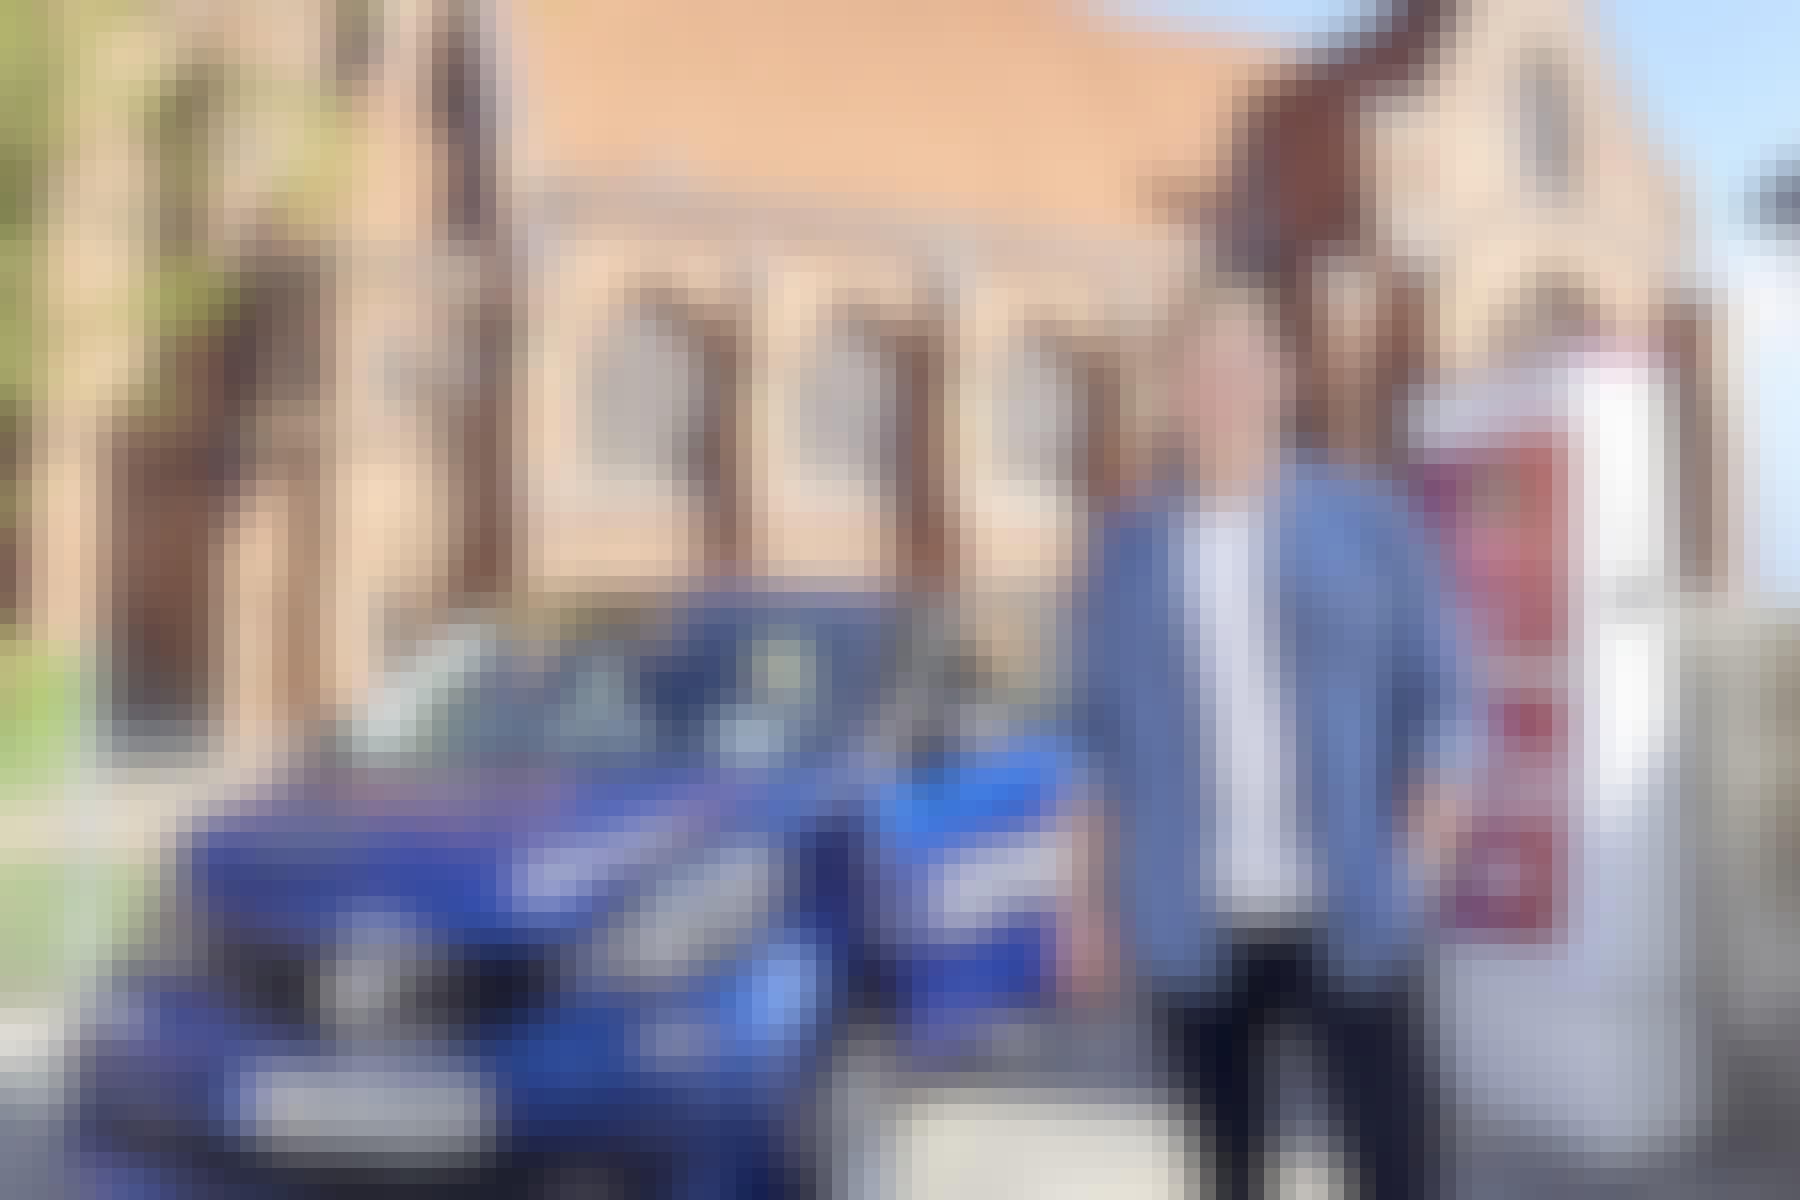 2020-04-Linden-RK-stadtmobil.jpg